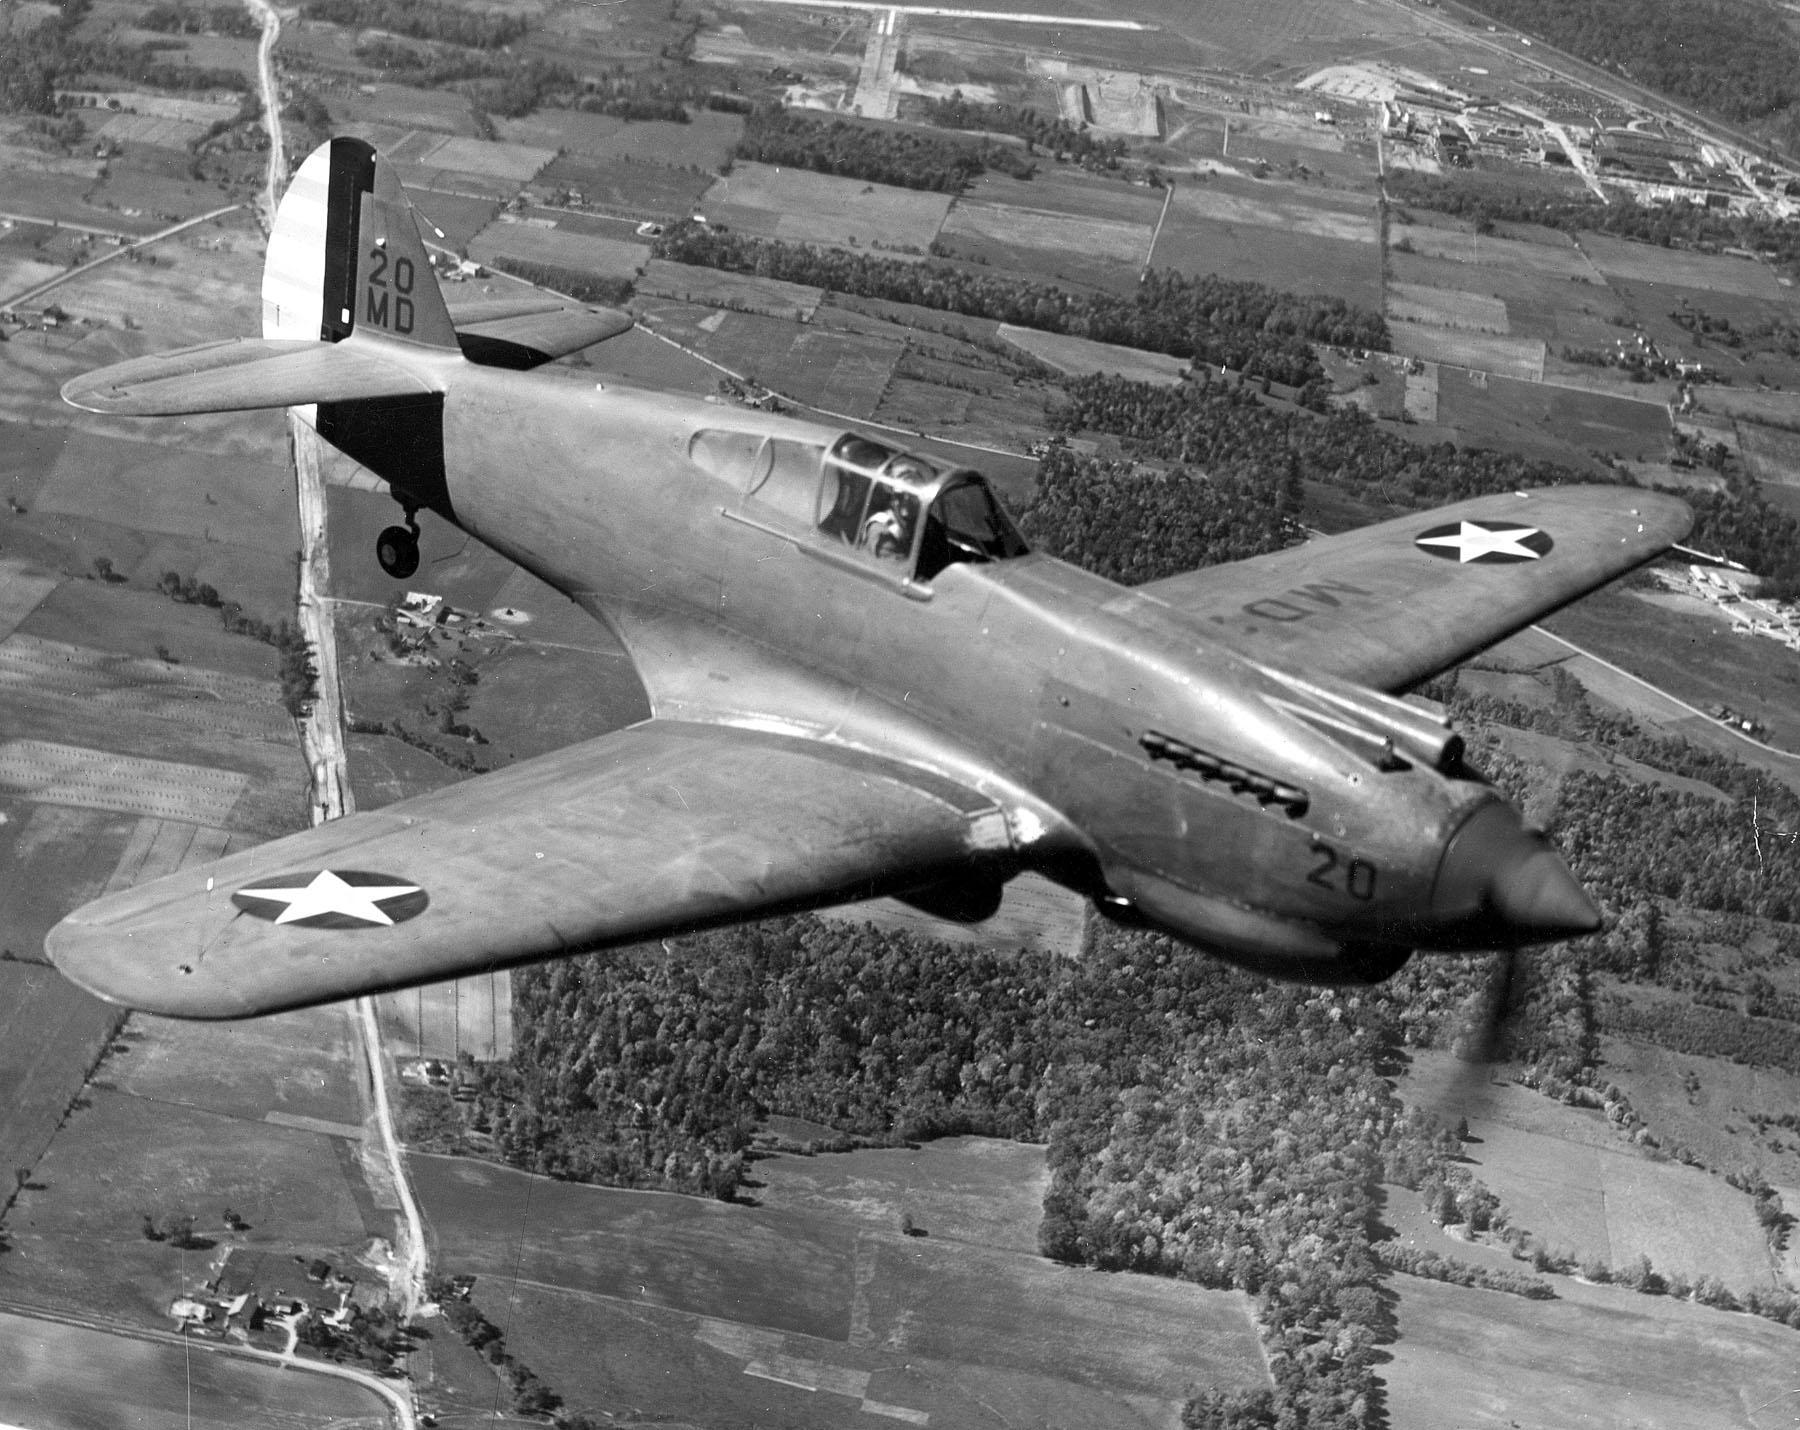 Кертис Р-40 «Вархок»/«Киттихок» - одни из самых массовых истребителей Второй мировой